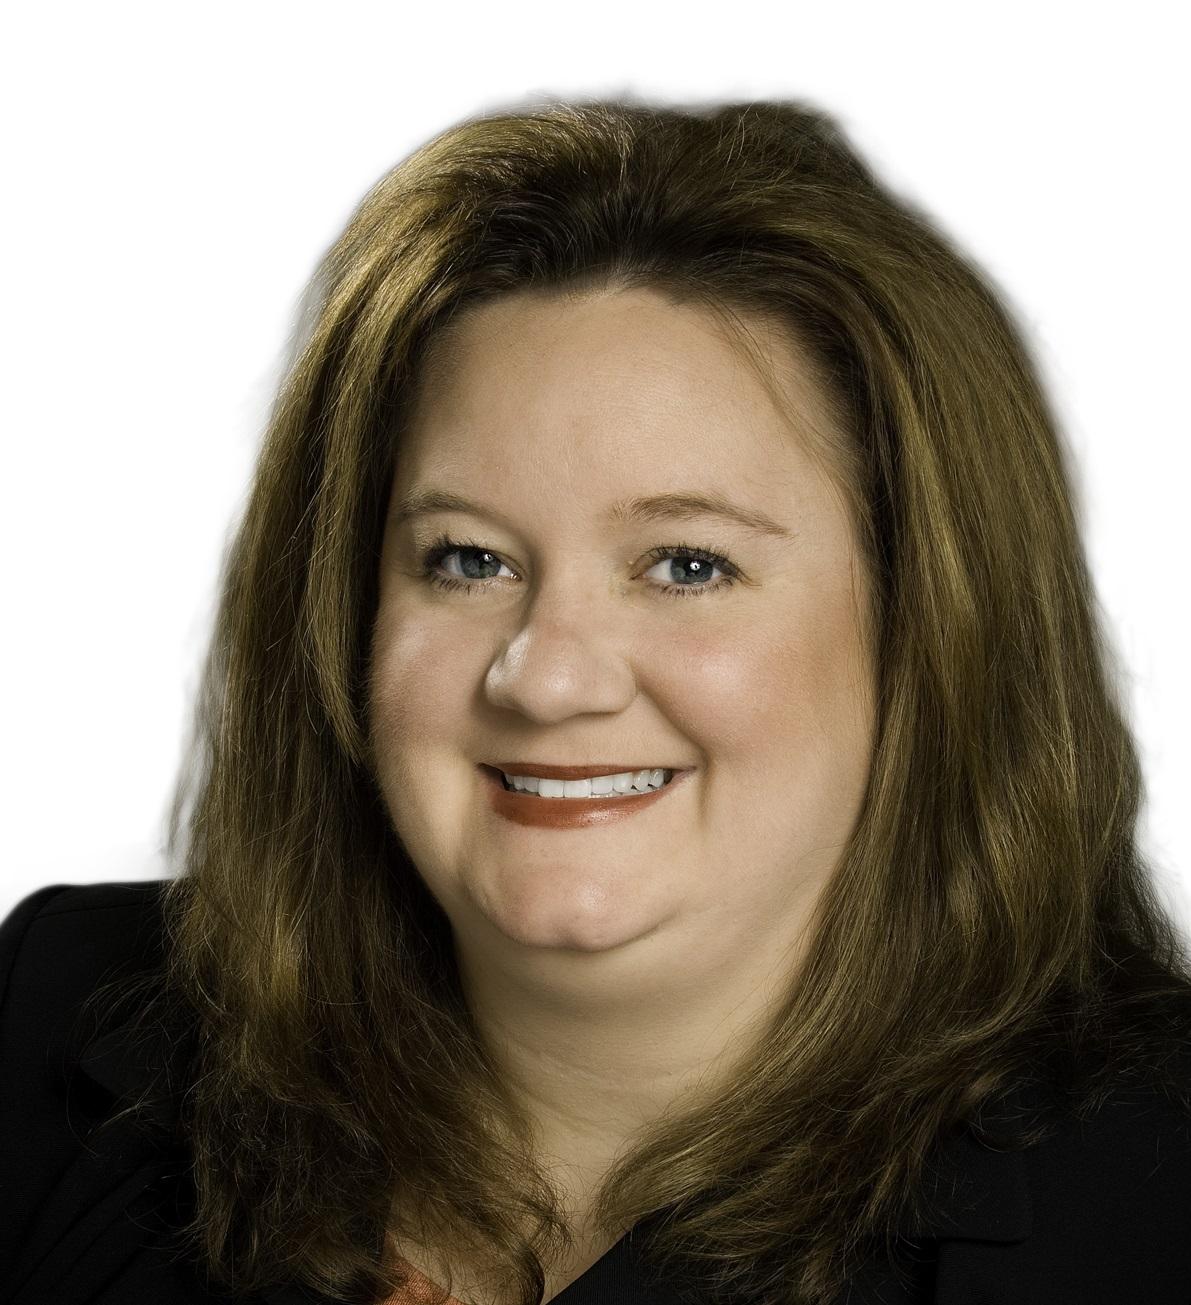 Beth Bivona